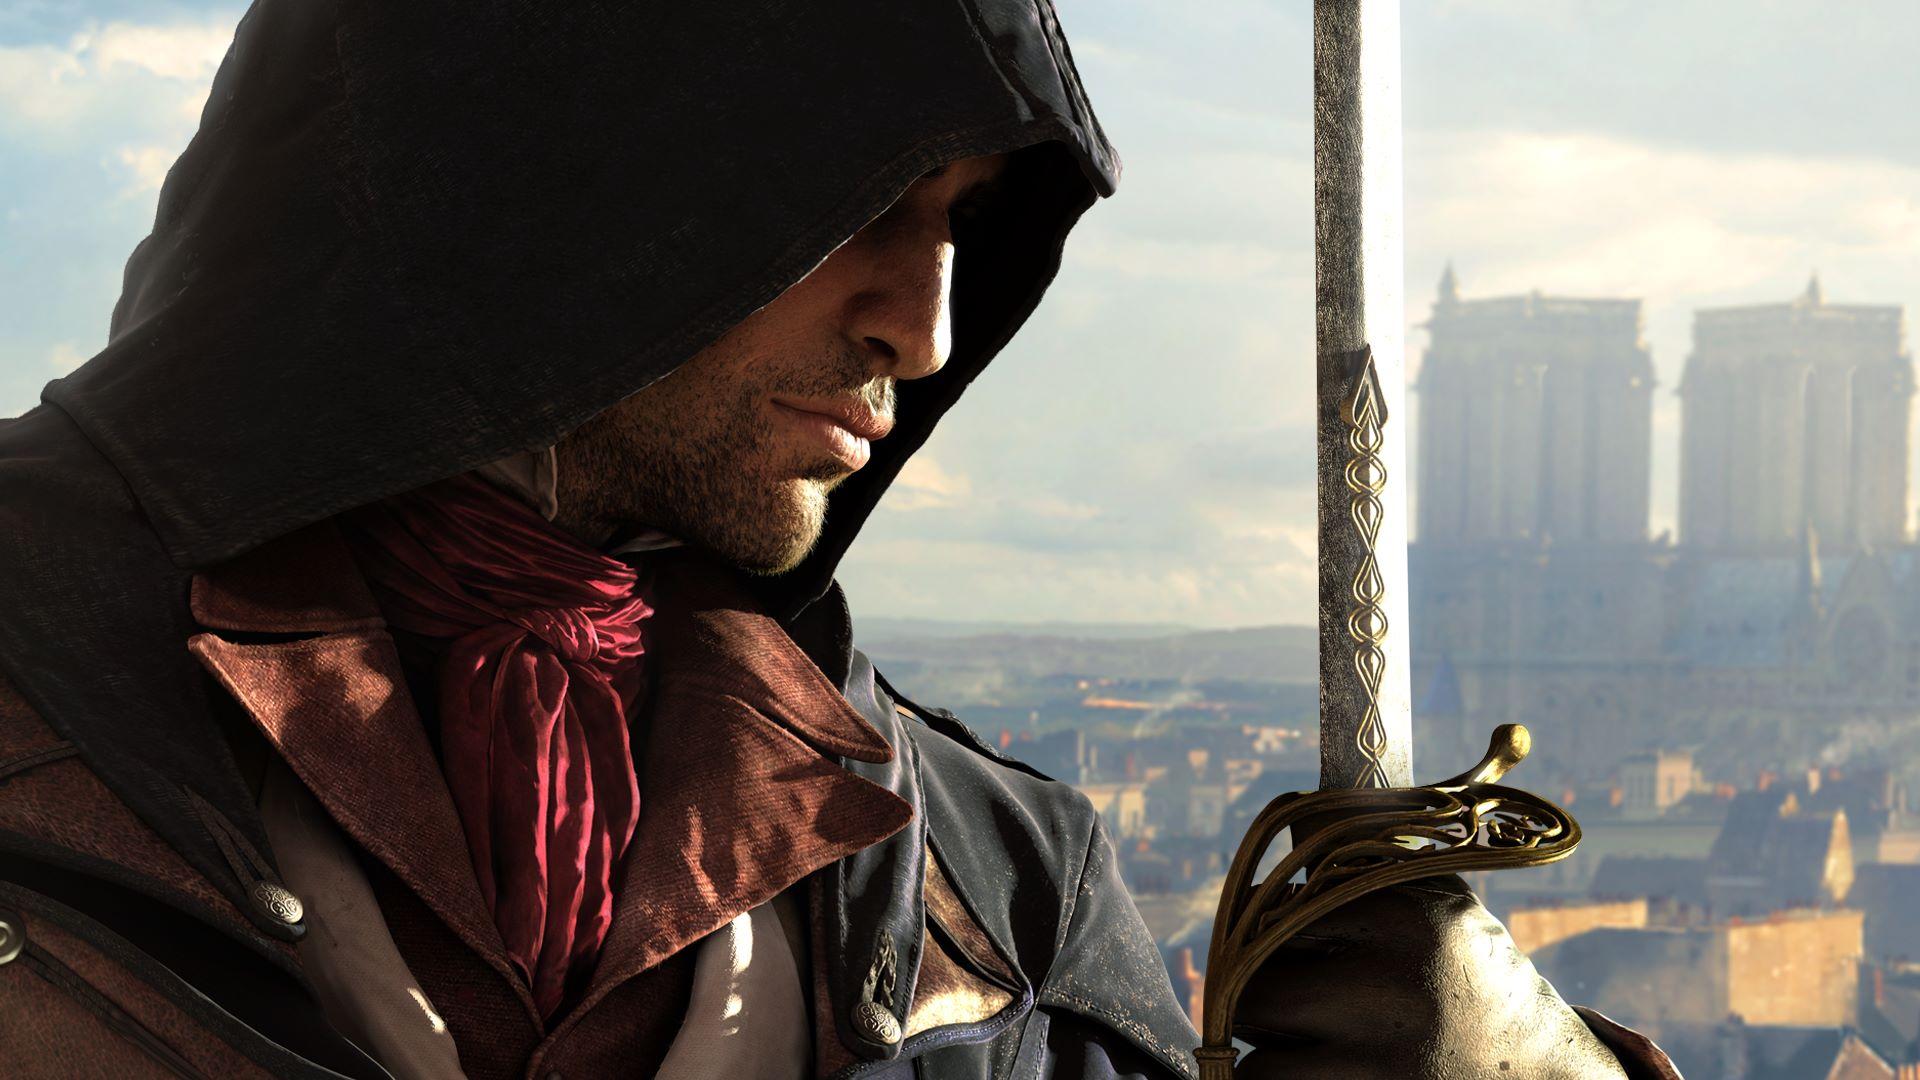 ผลการค้นหารูปภาพสำหรับ assassin's creed unity